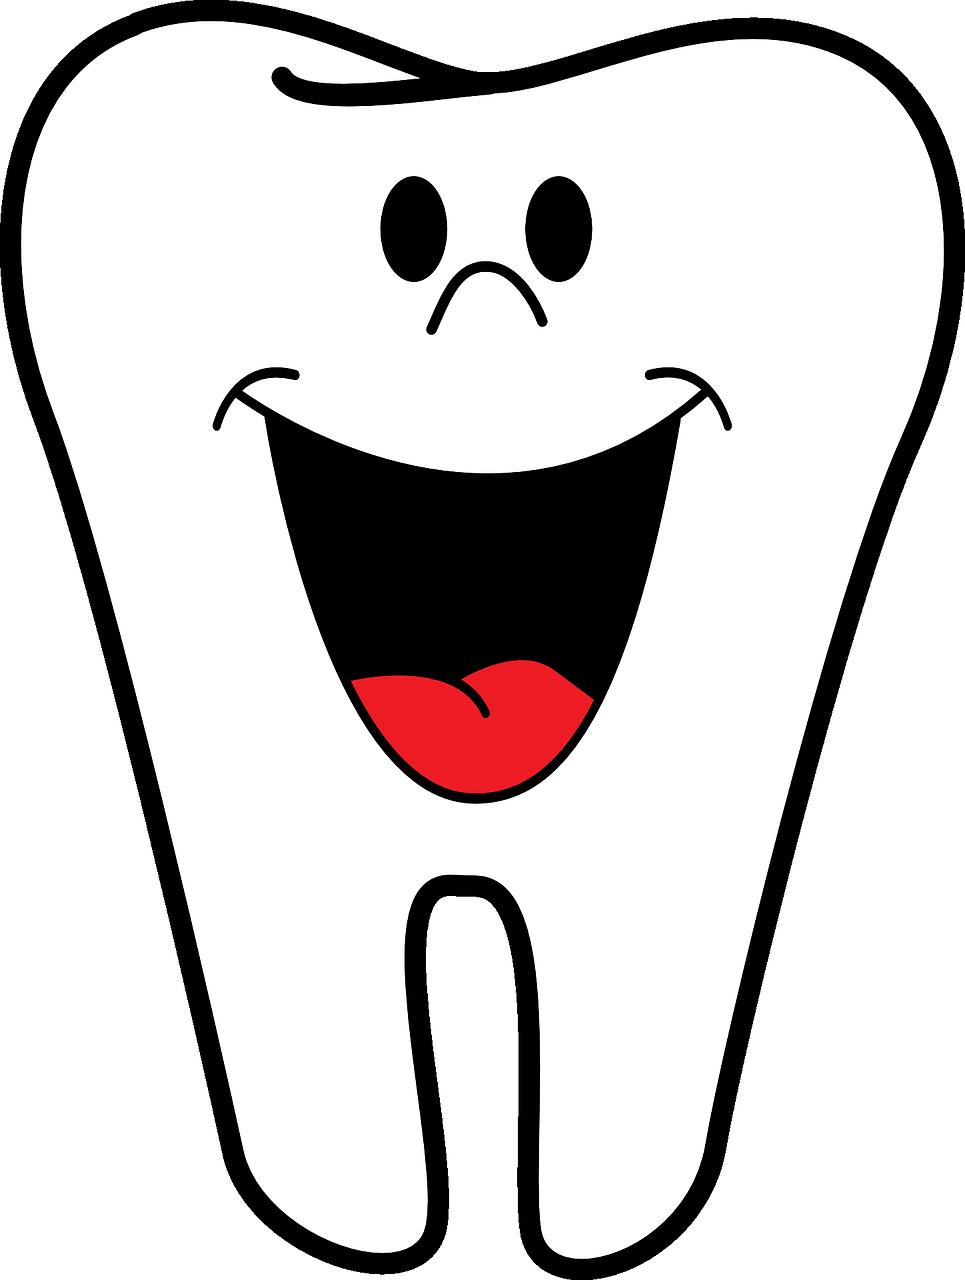 tegnet tand der smiler